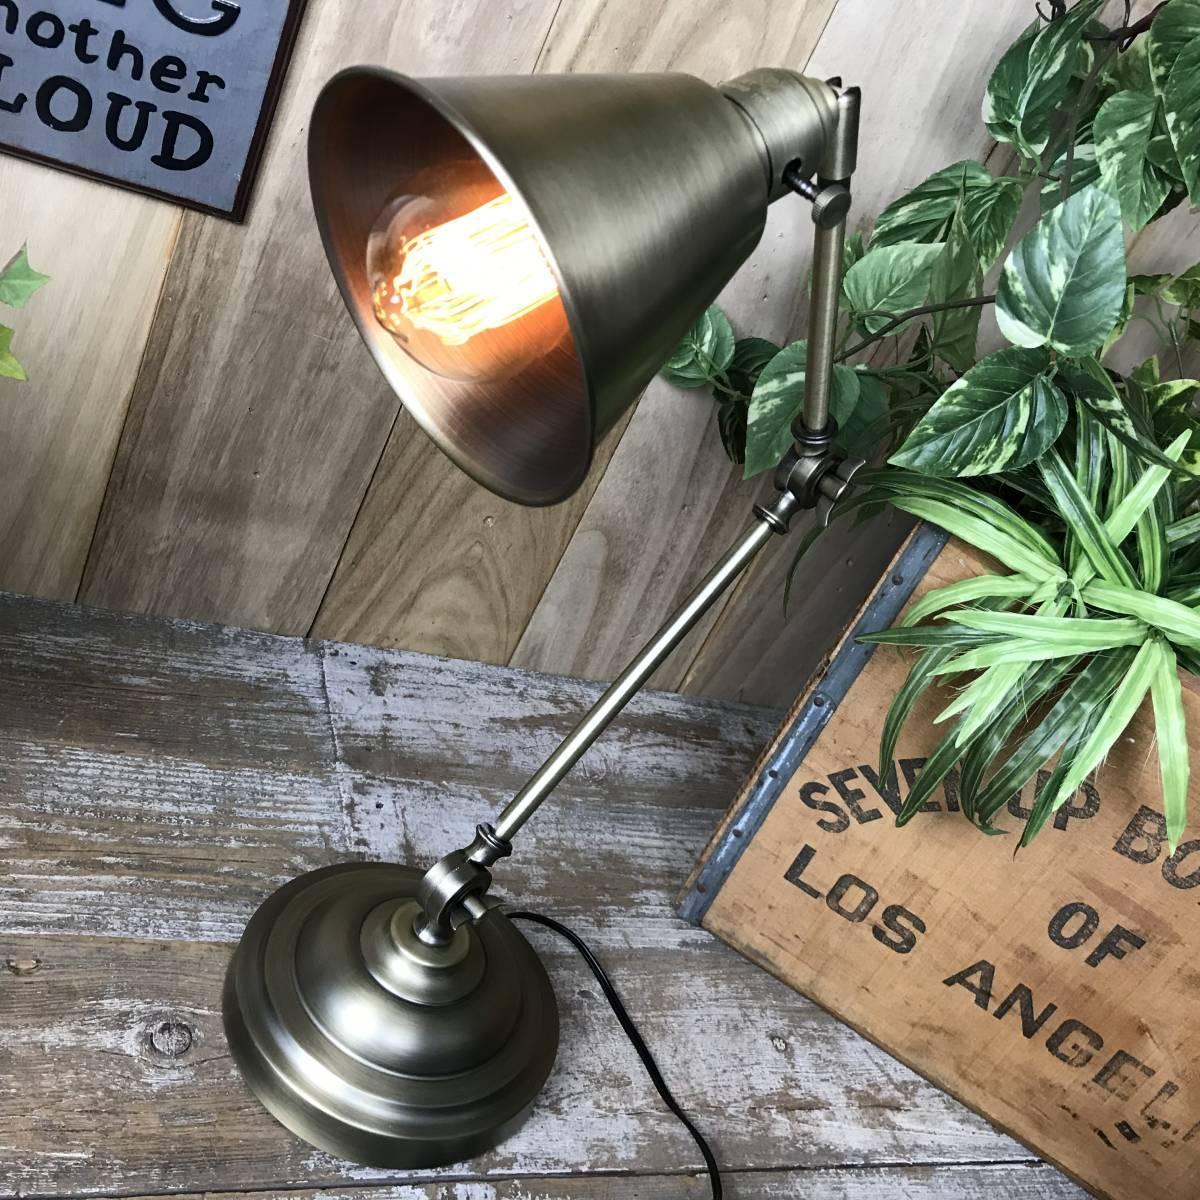 送料無料、インダストリアル電気ライトスタンドJ☆卓上デスクランプ、ゴールド、照明☆アンティーク風☆ビンテージ風、LED電球対応_画像2